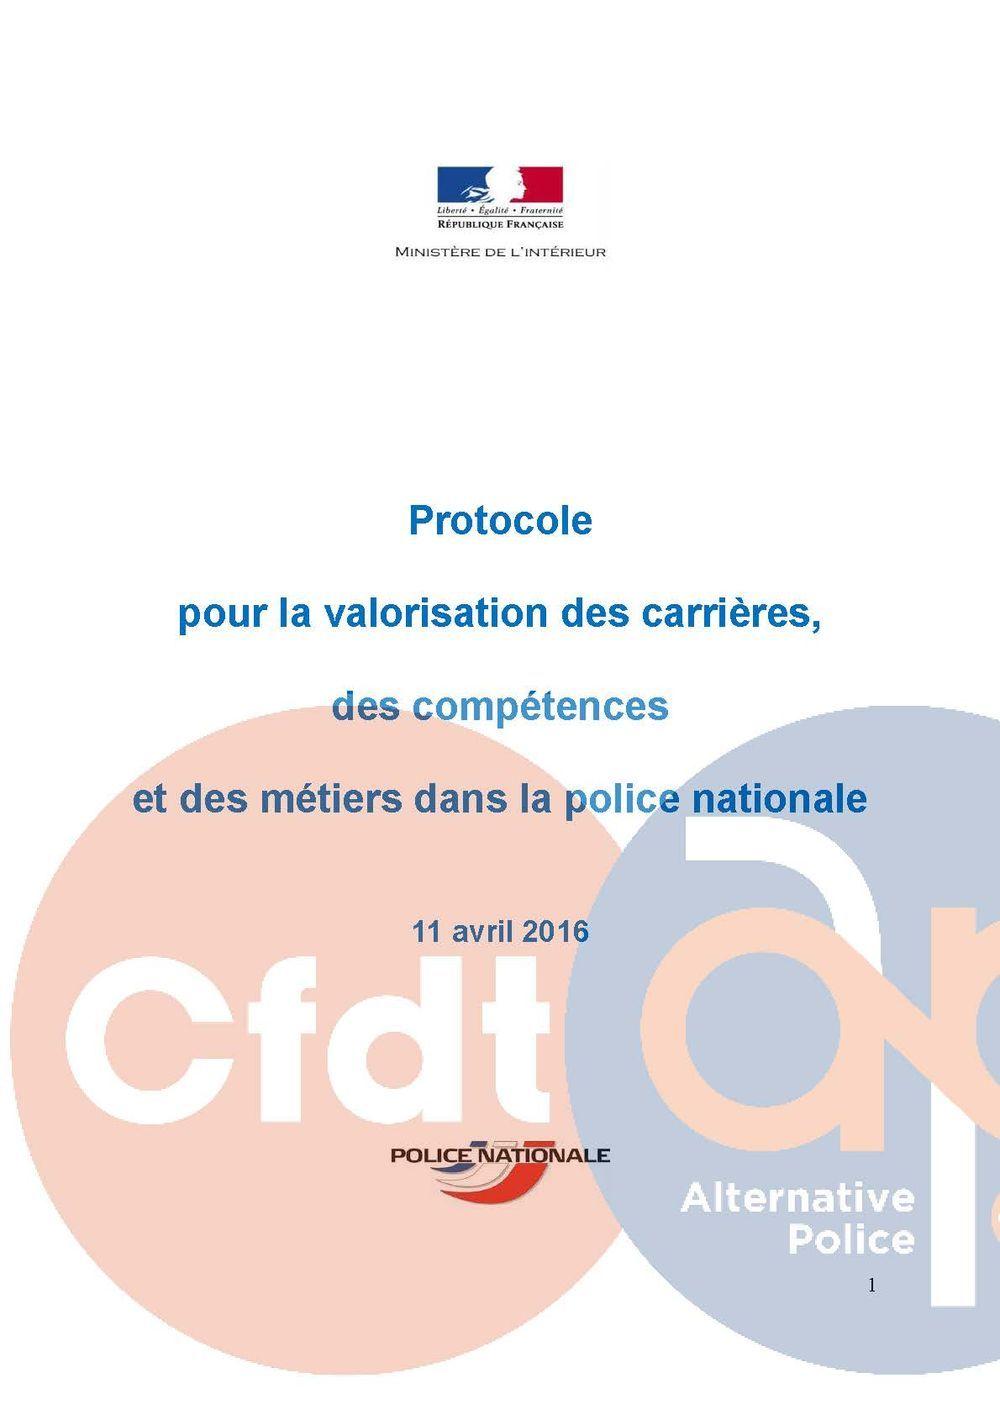 Protocole du 11 avril 2016